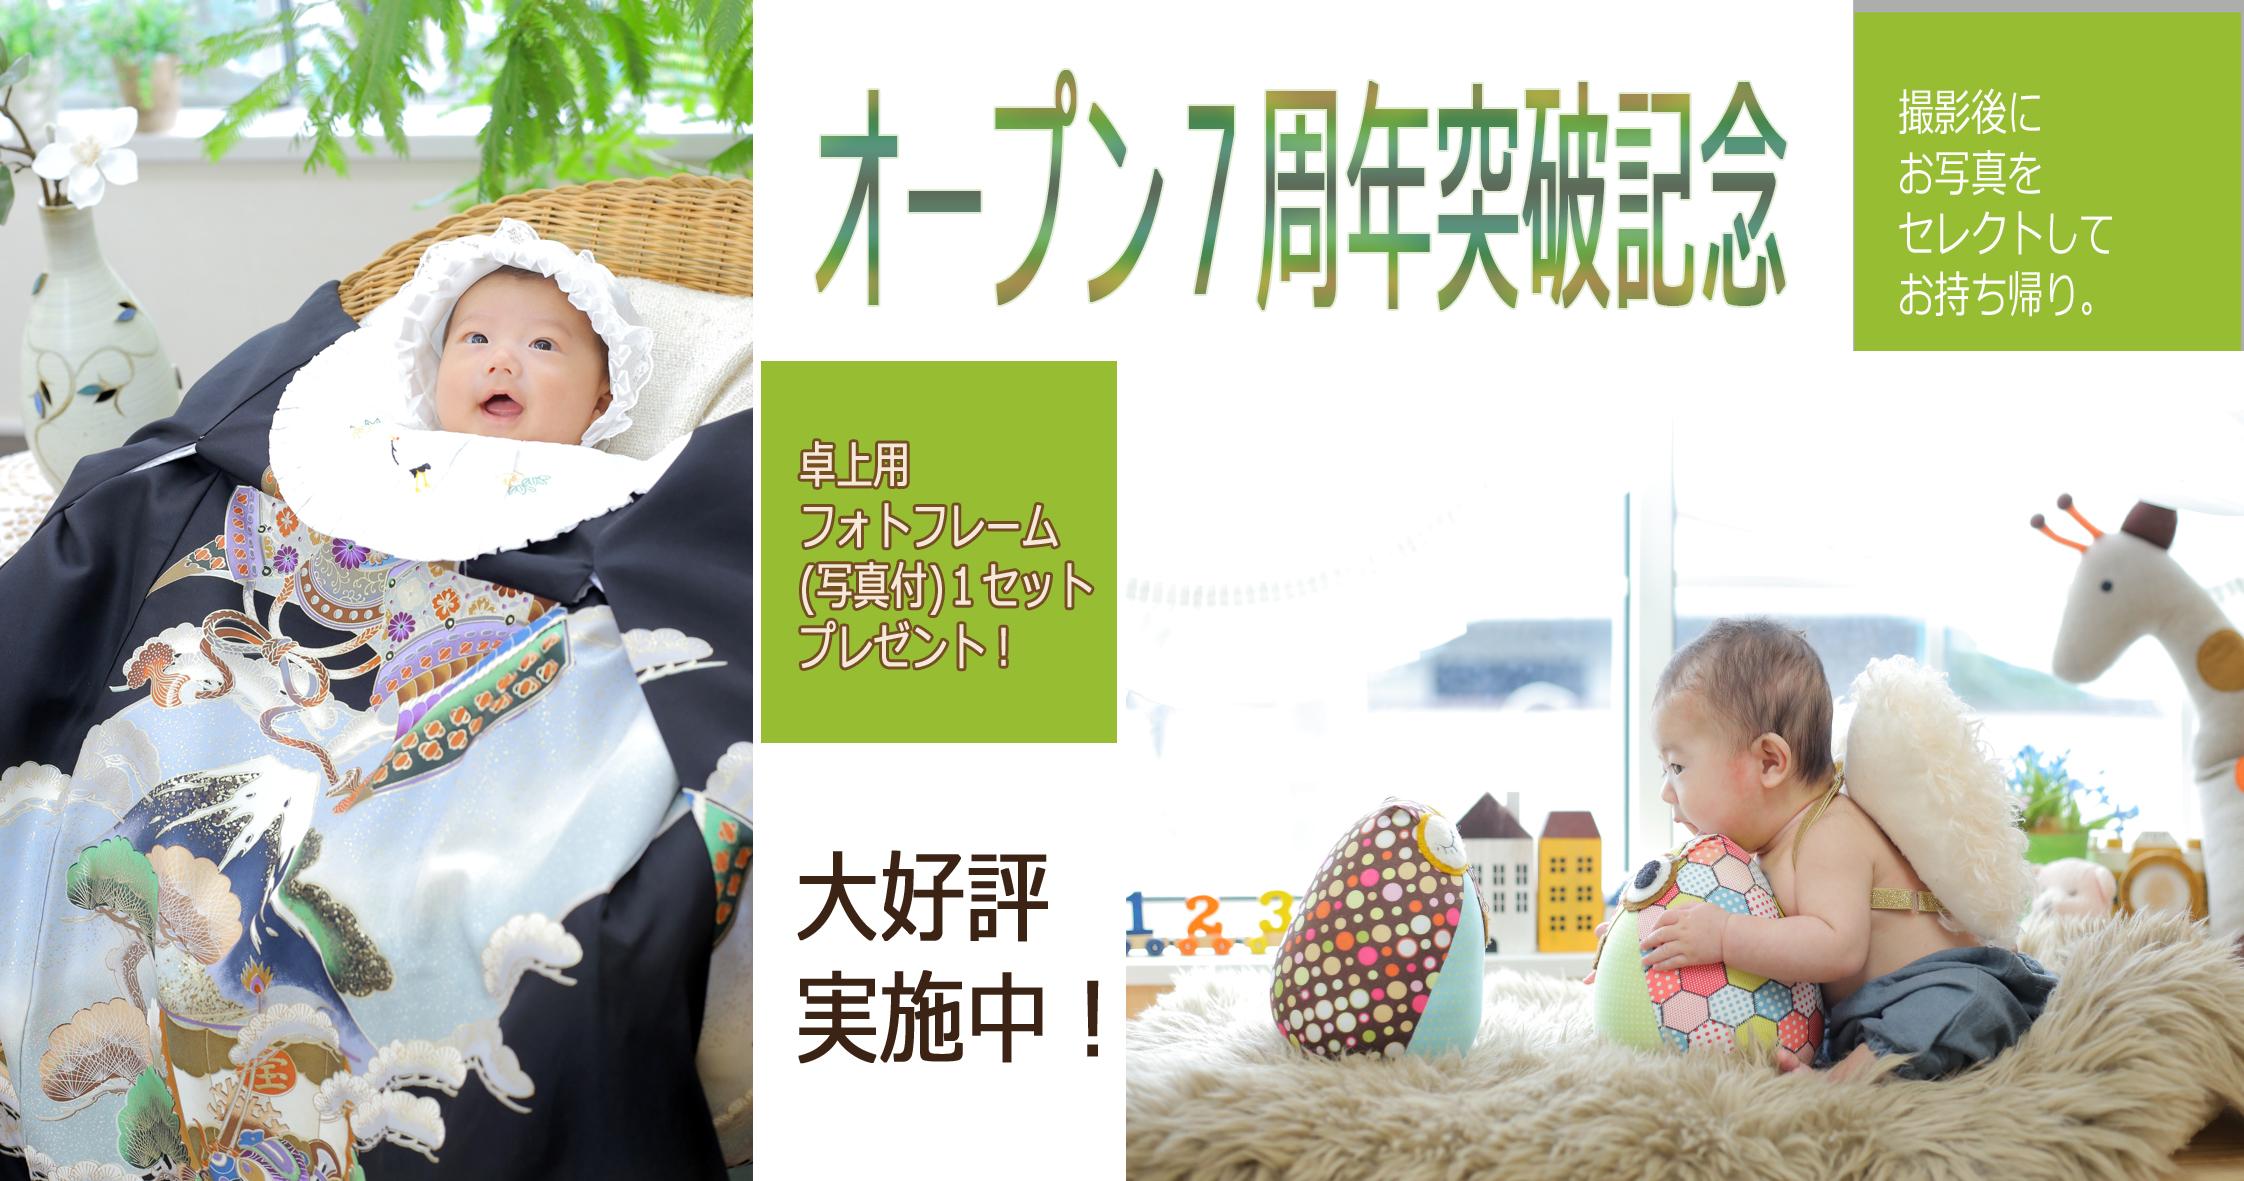 オープン7周年突破記念キャンペーン